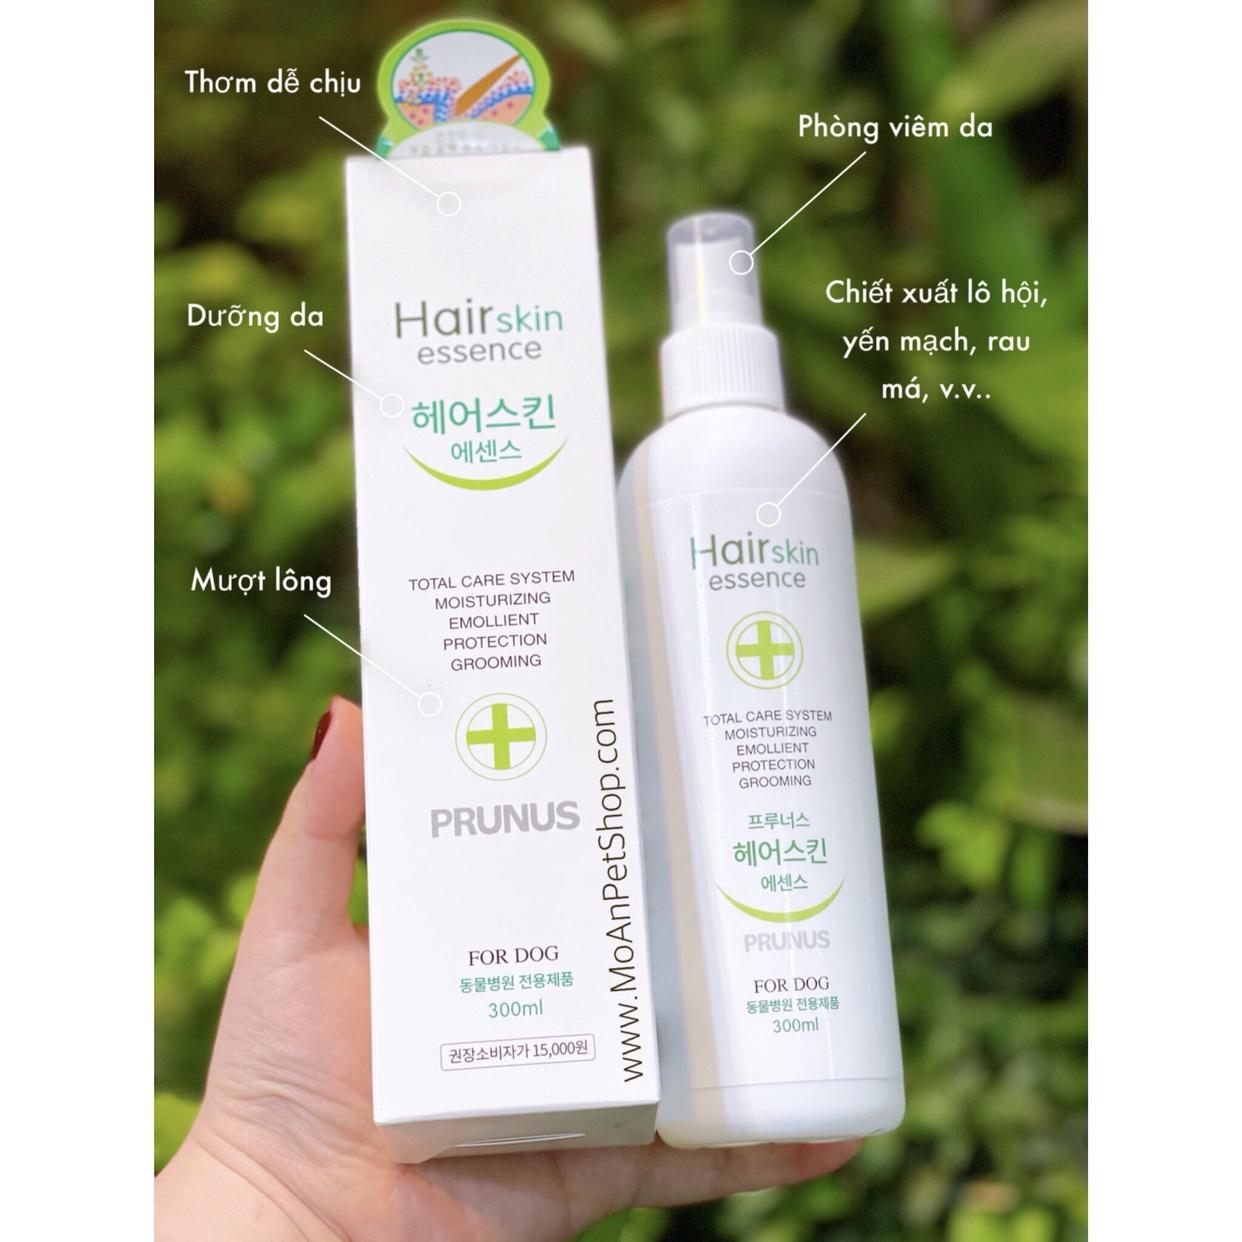 Xịt PRUNUS Hair Skin Essence Thơm Dưỡng Lông & Ngừa Viêm Da 300ml